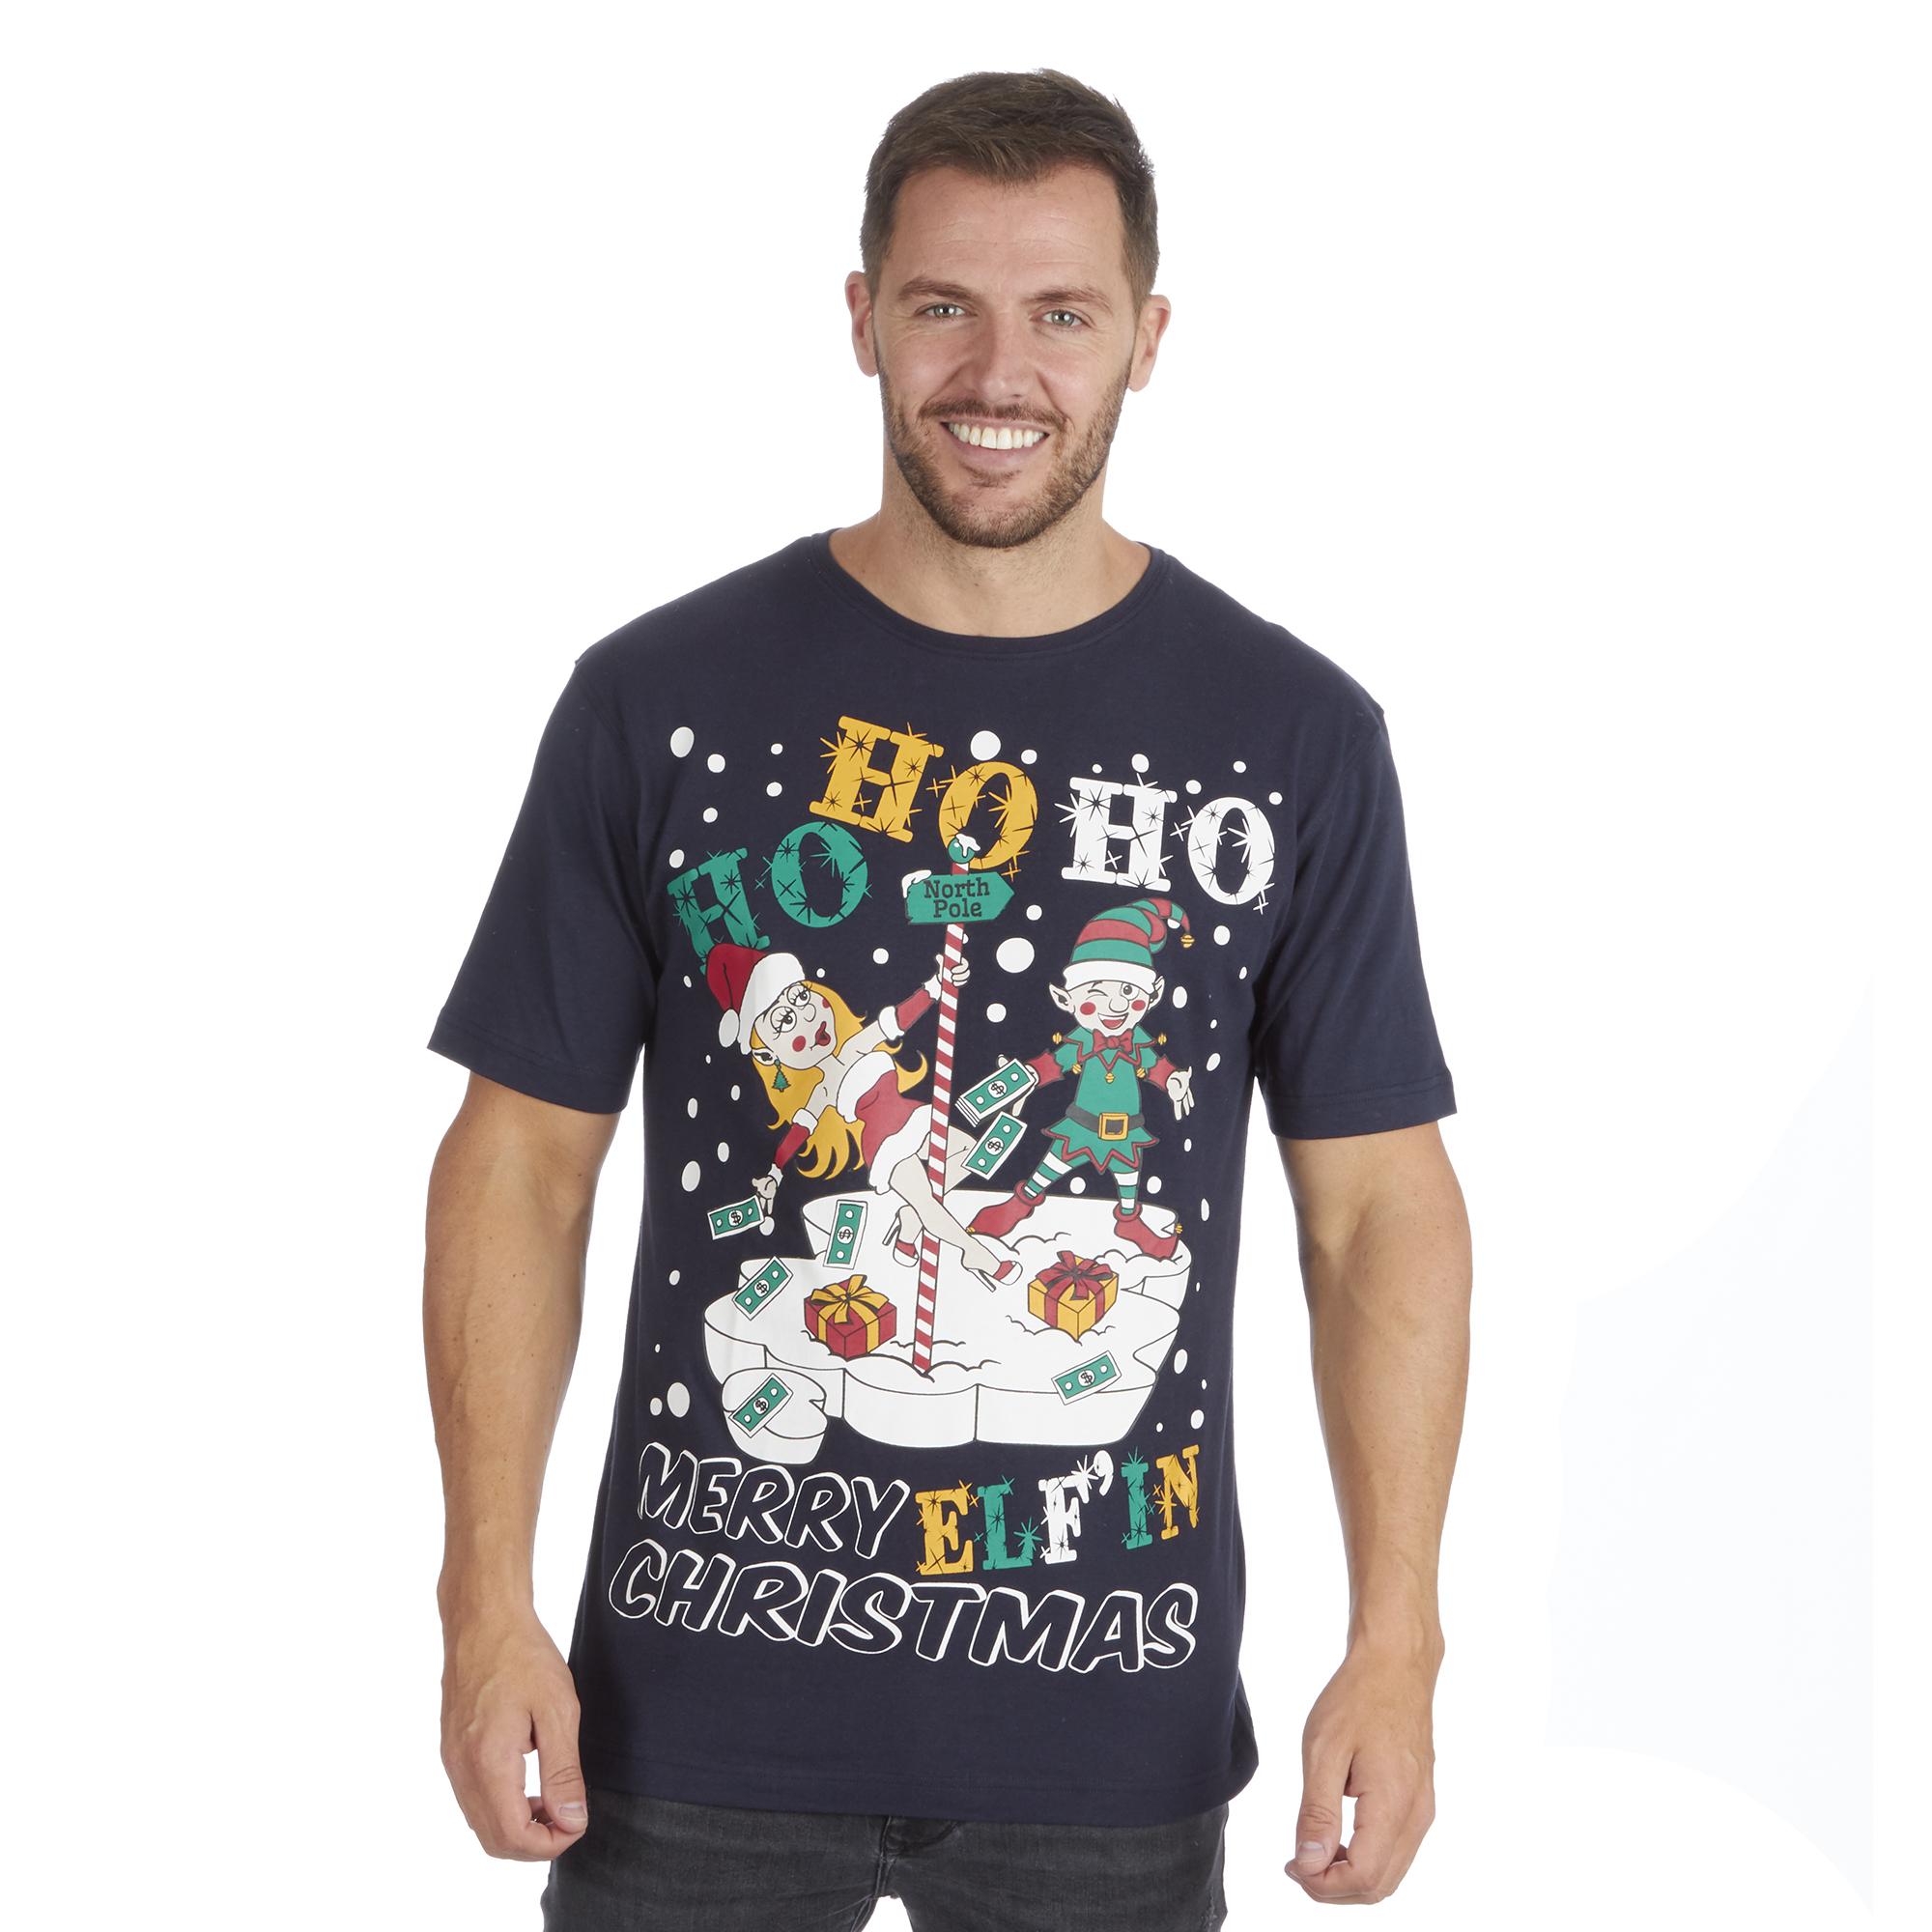 Para hombres Para mujeres Damas Novedad Eslogan Gracioso Navidad Navidad Top T-Shirt Tee Broma Grosera